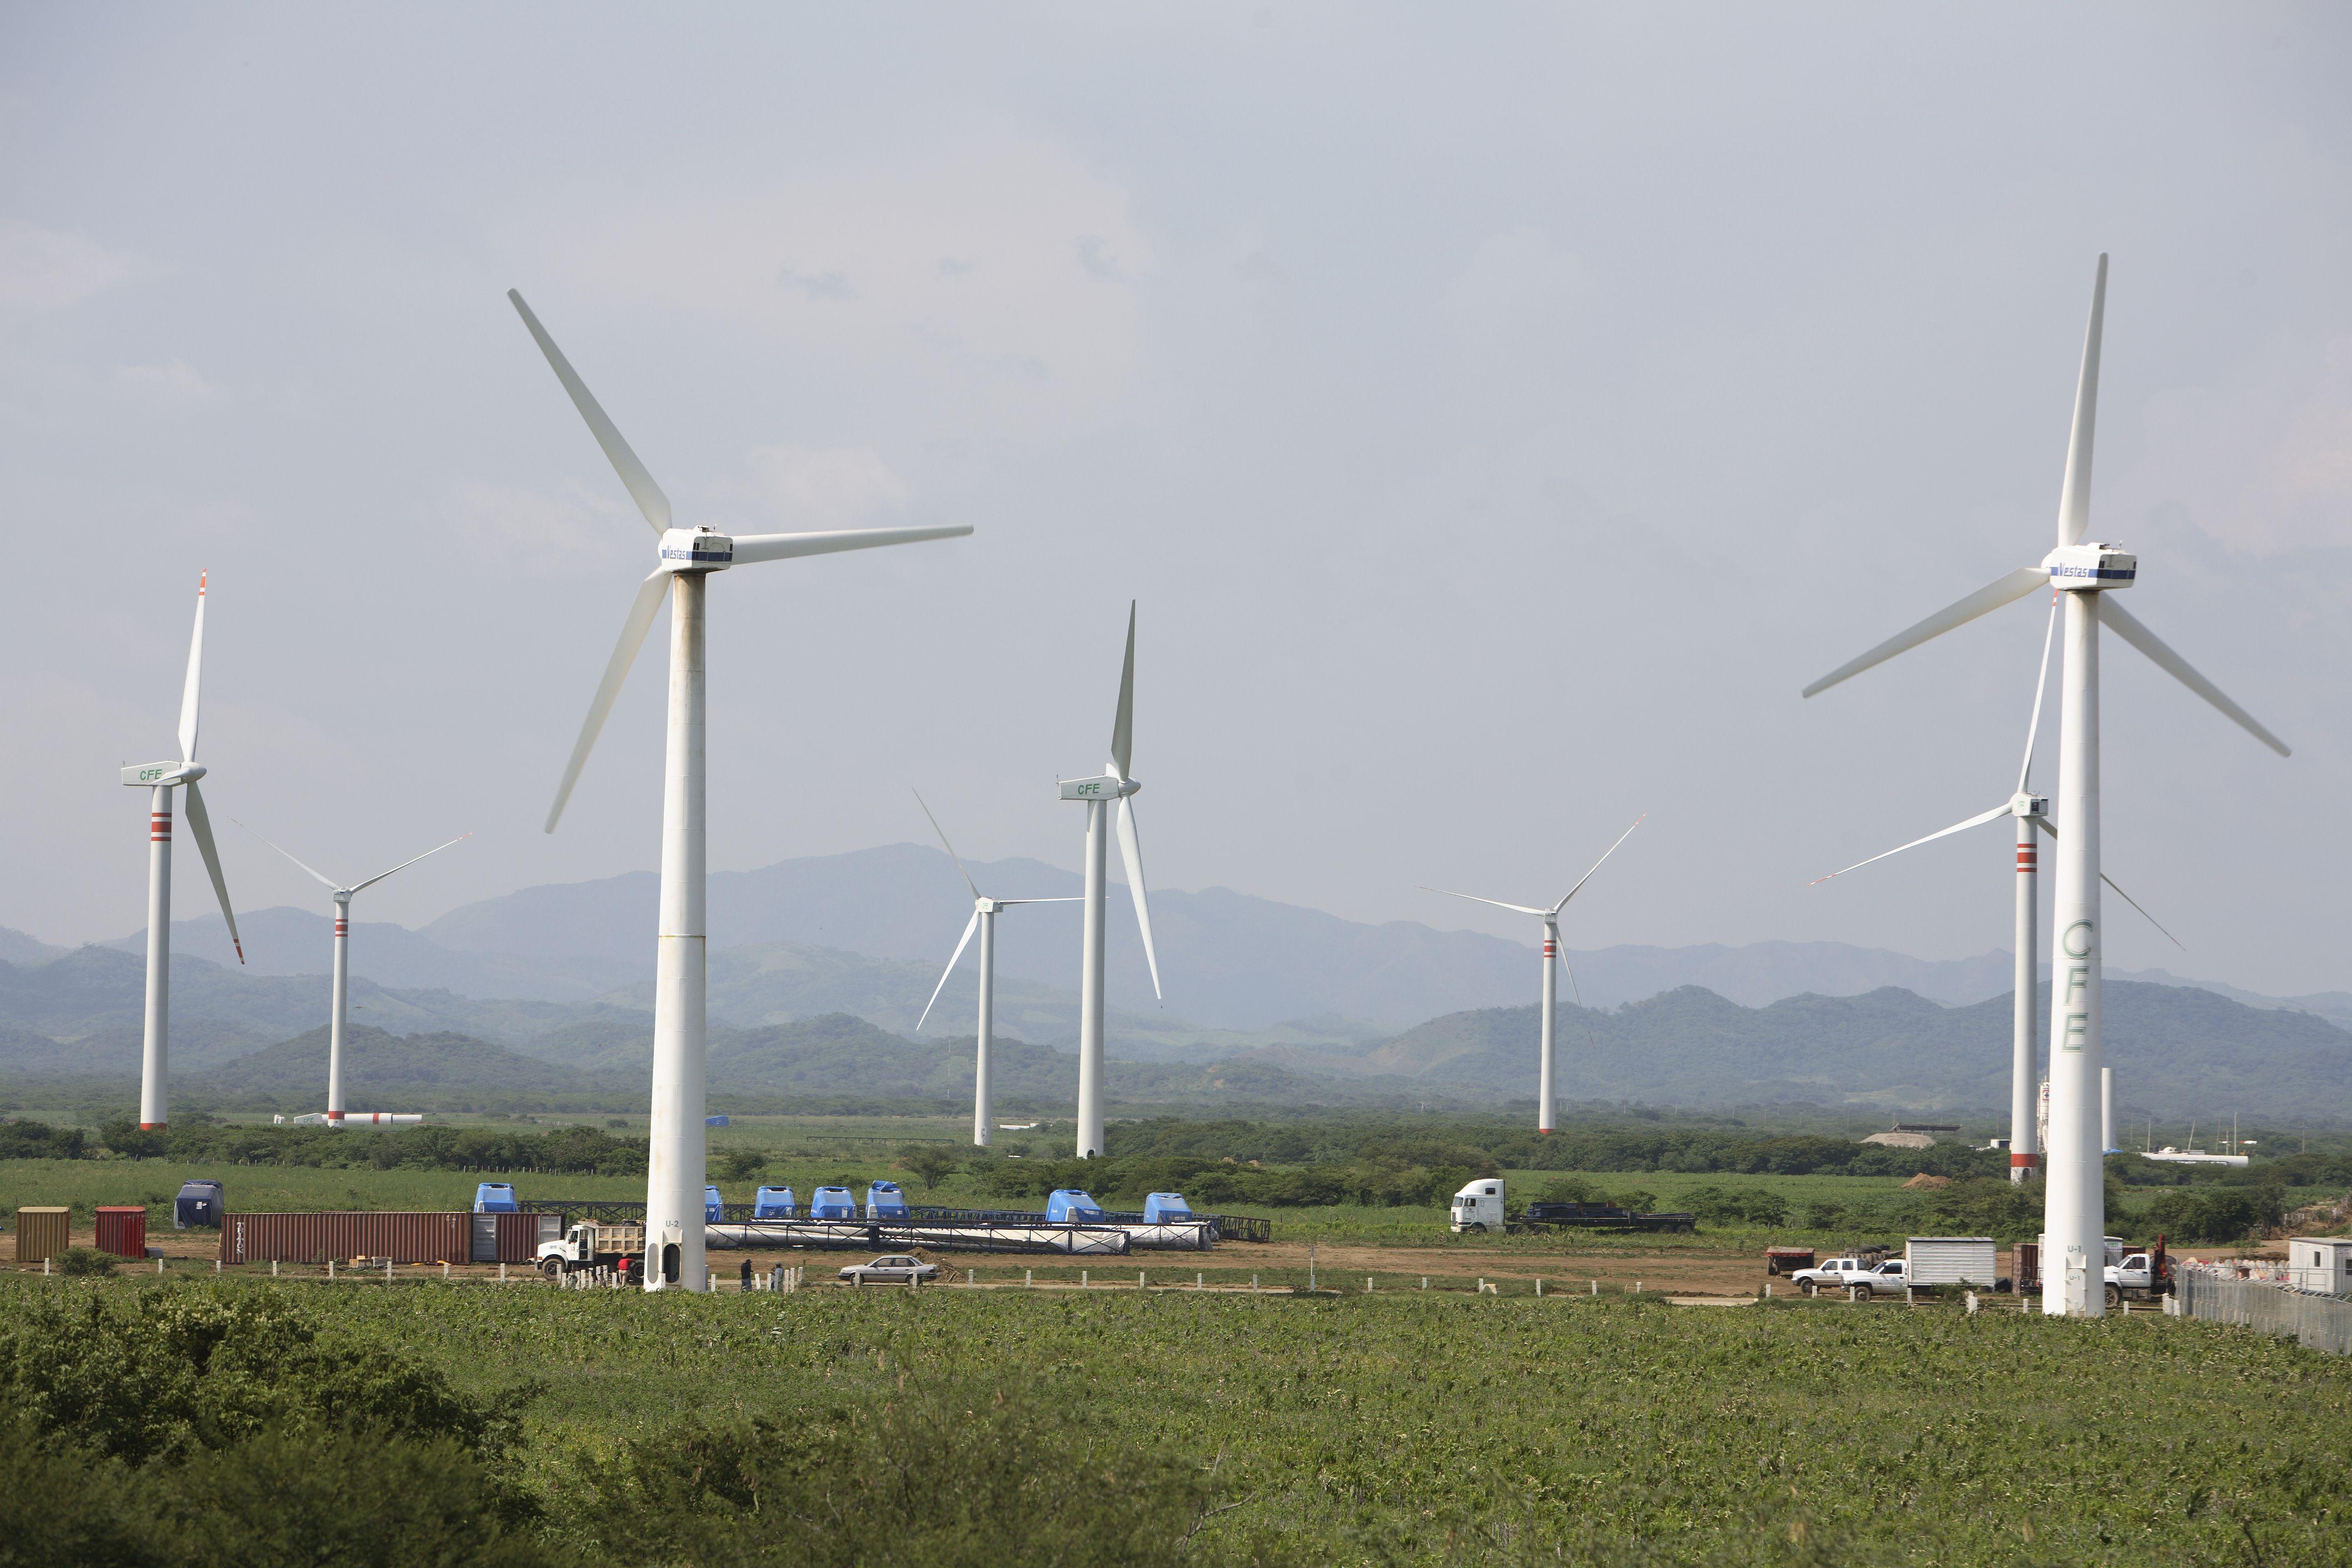 El BID aprueba un préstamo para un parque eólico en México, por José Santamarta